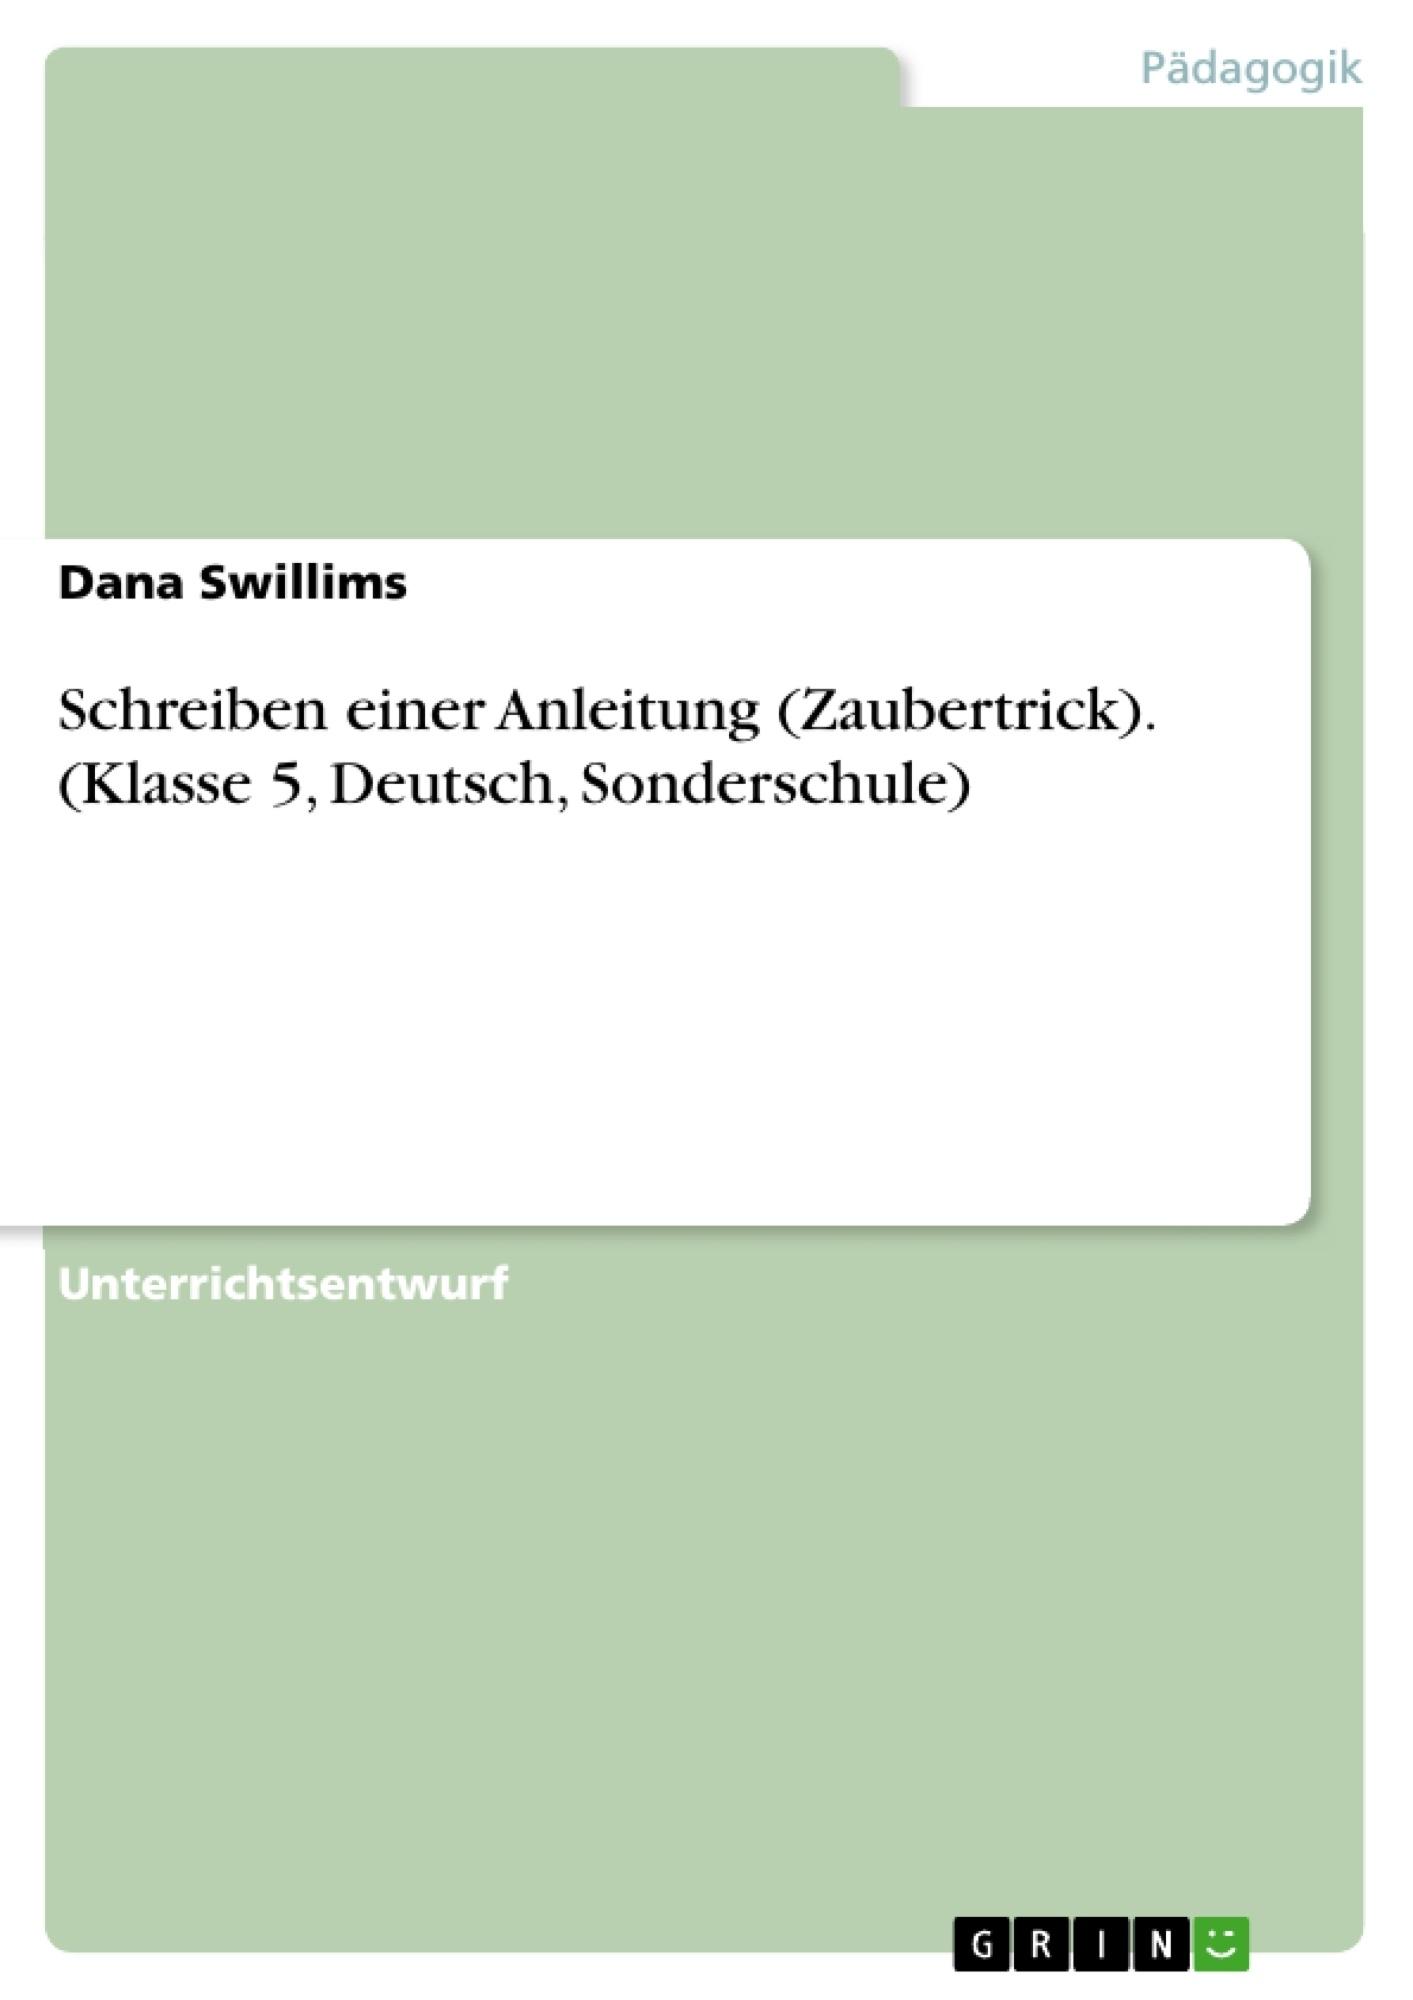 Titel: Schreiben einer Anleitung (Zaubertrick). (Klasse 5, Deutsch, Sonderschule)